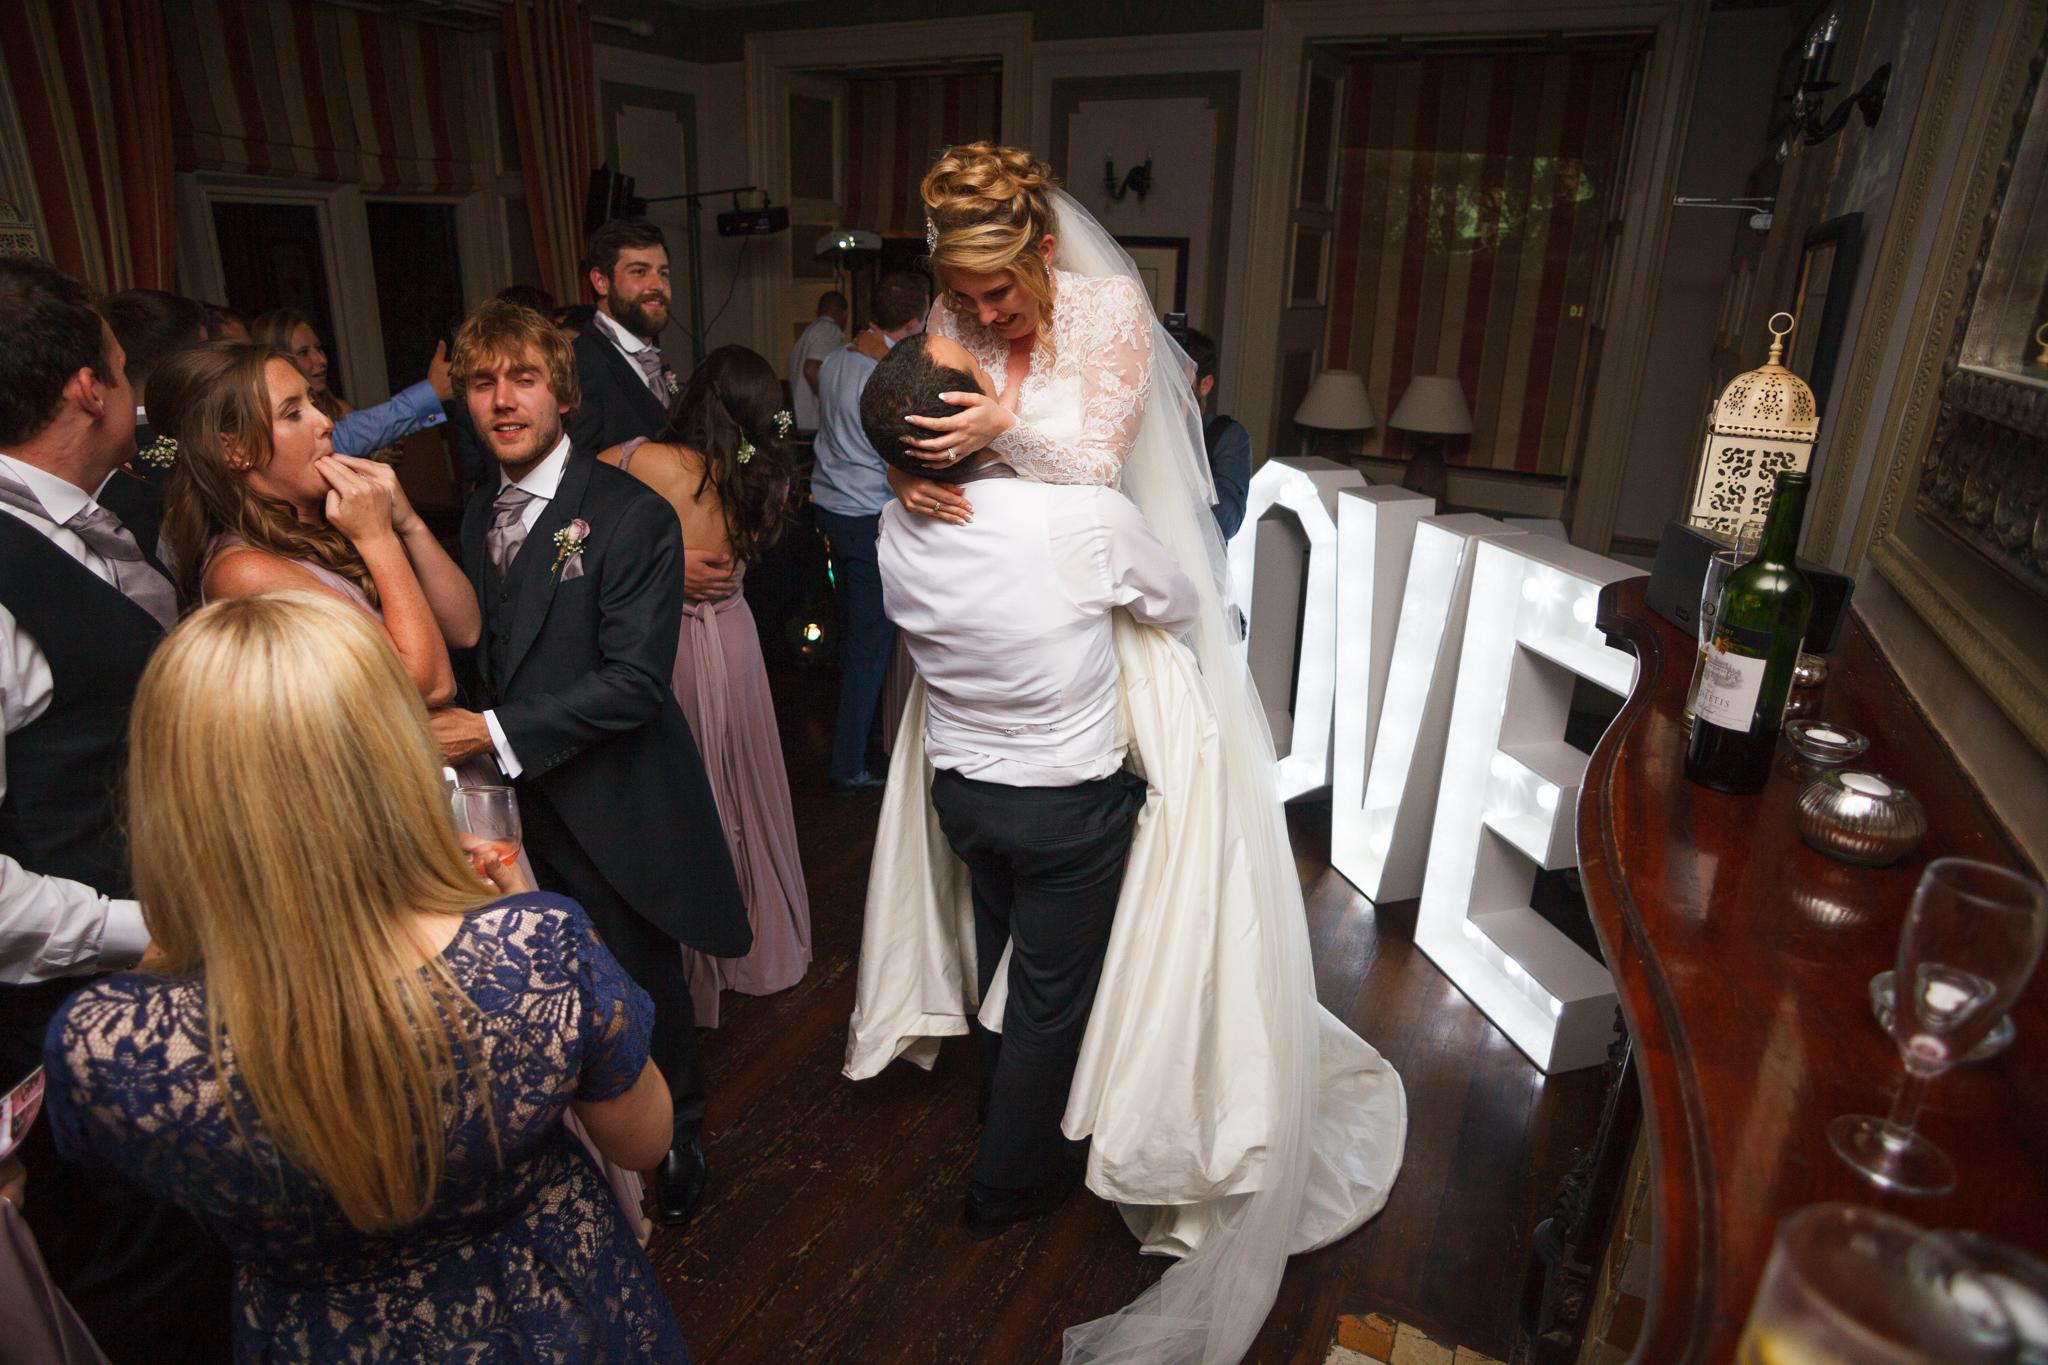 Simon_Rawling_Wedding_Photography-697.jpg